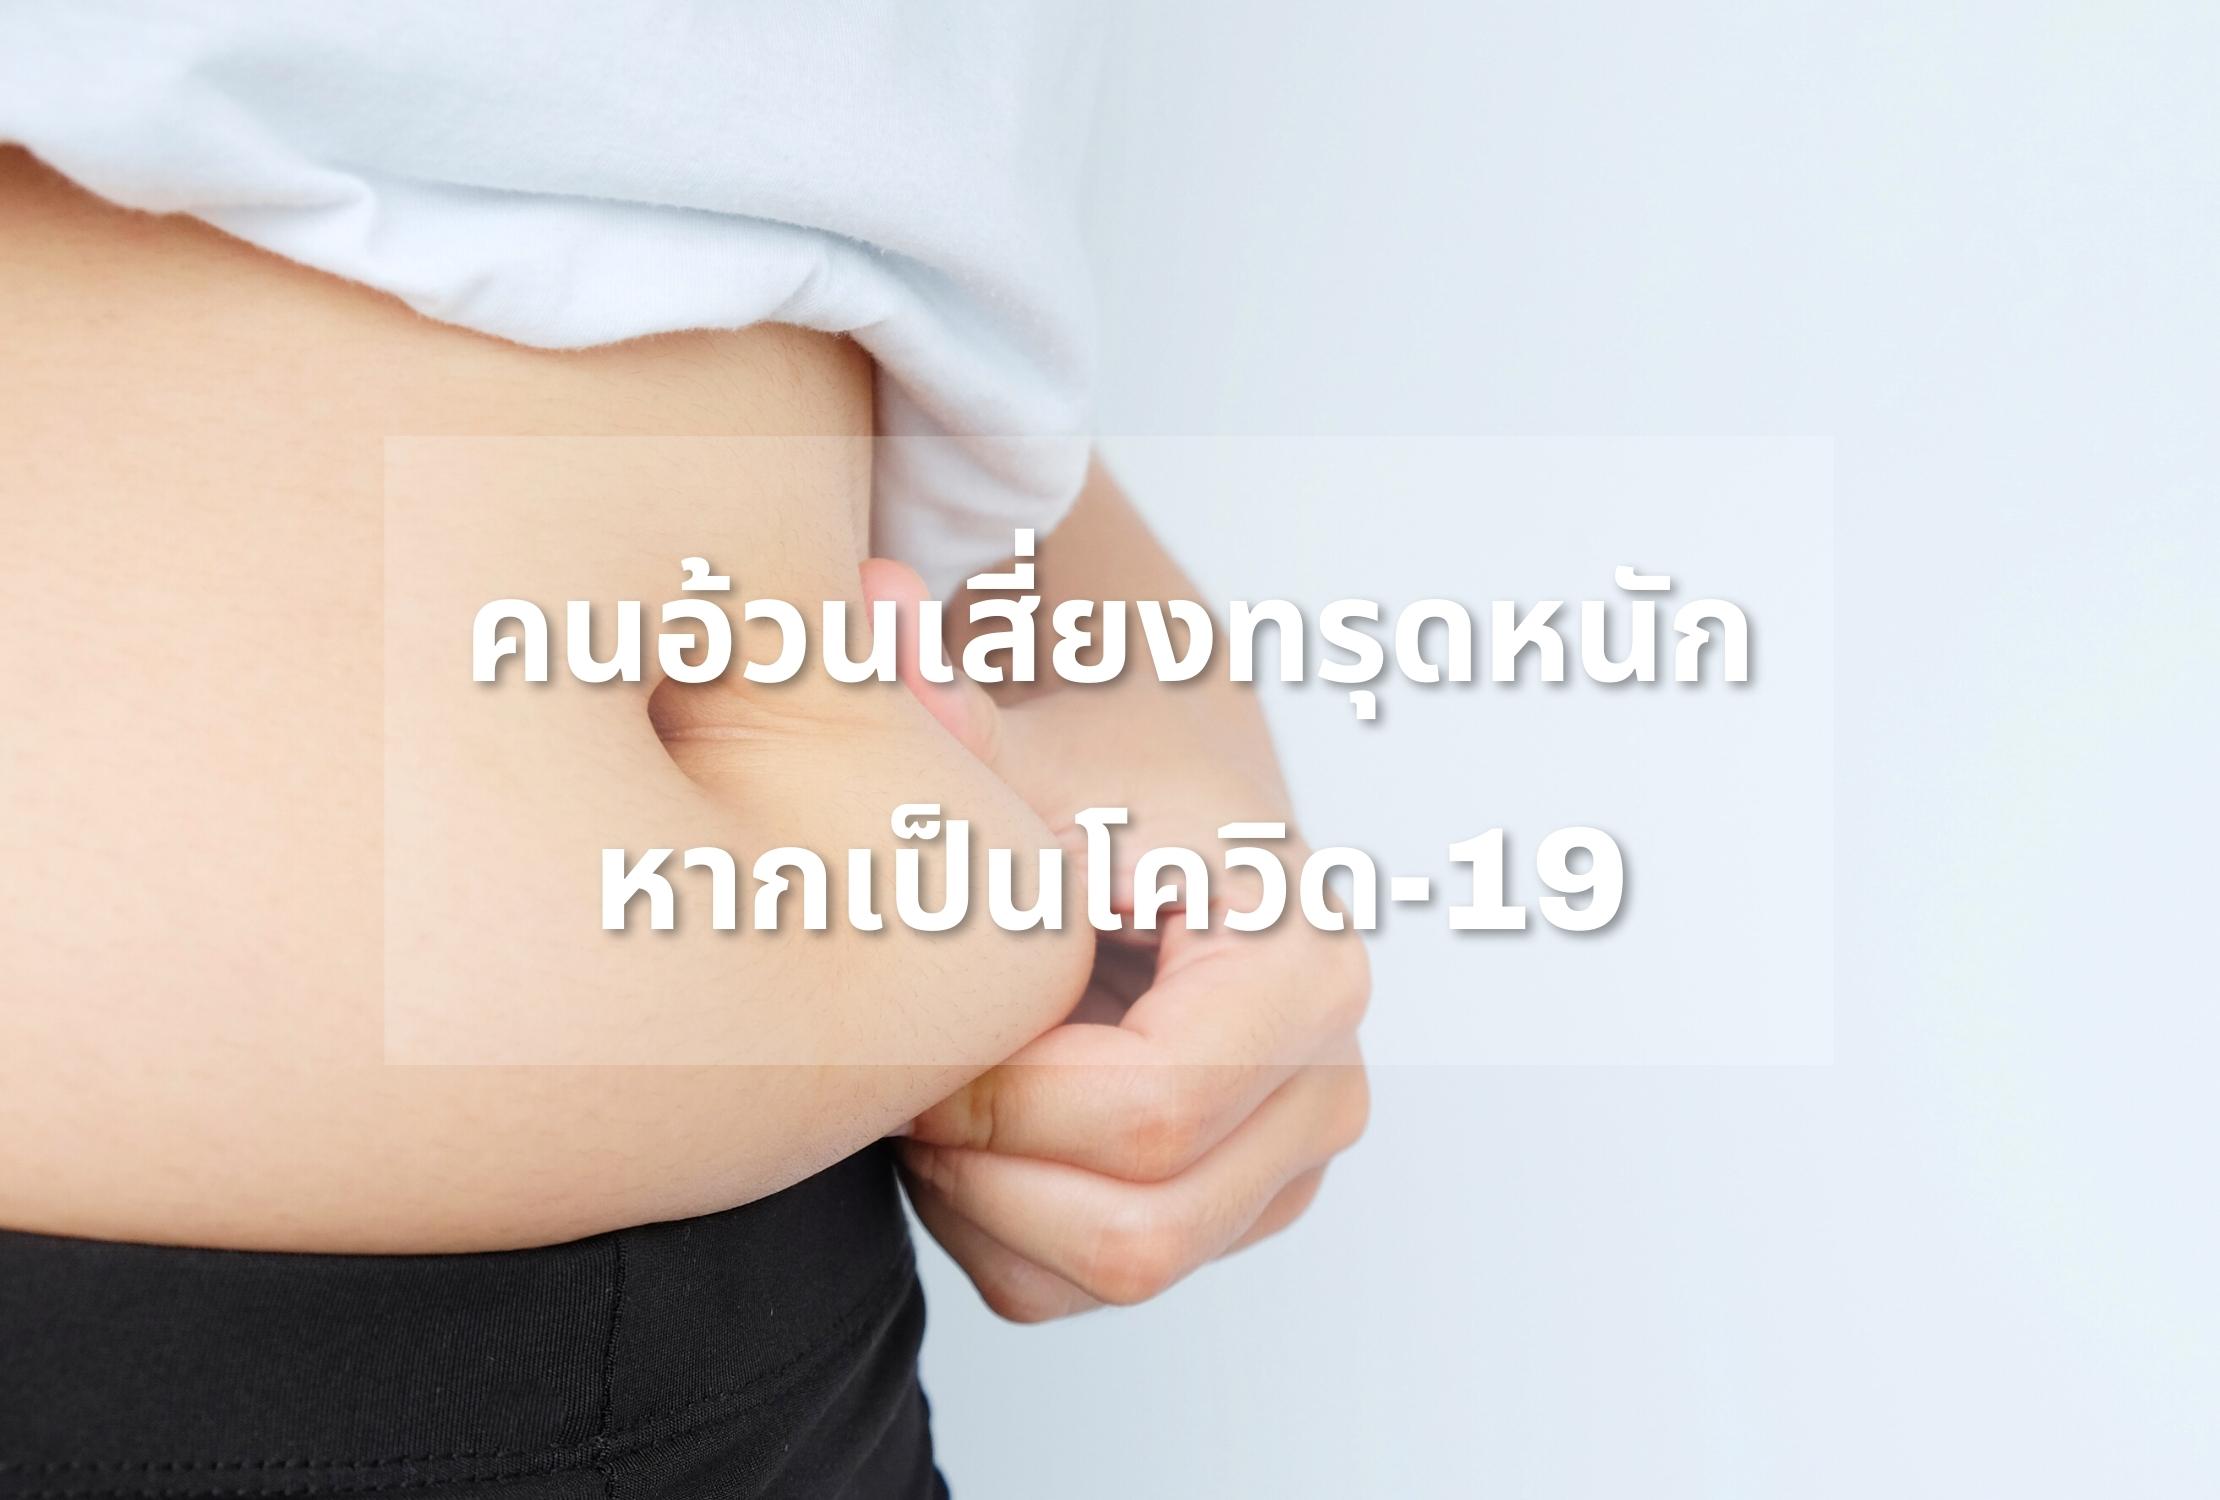 คนอ้วนเสี่ยงทรุดหนักหากเป็นโควิด-19